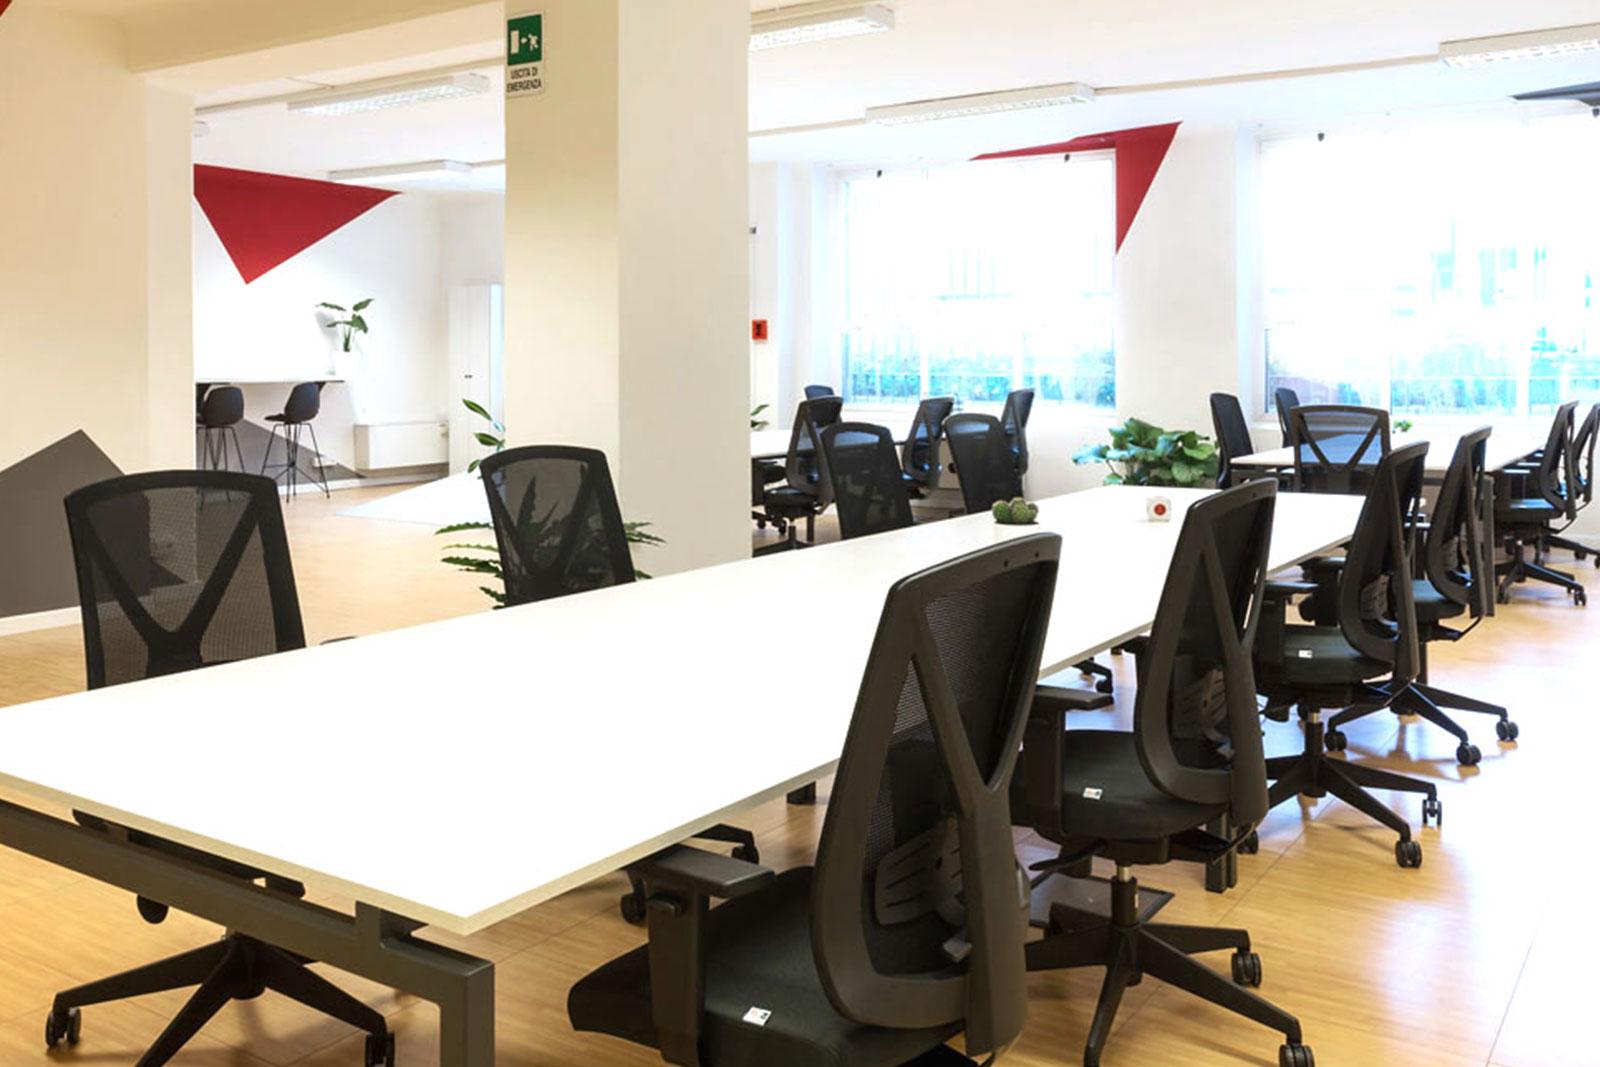 Prezzi coworking milano scrivanie sale riunioni uffici for Uffici temporanei milano prezzi